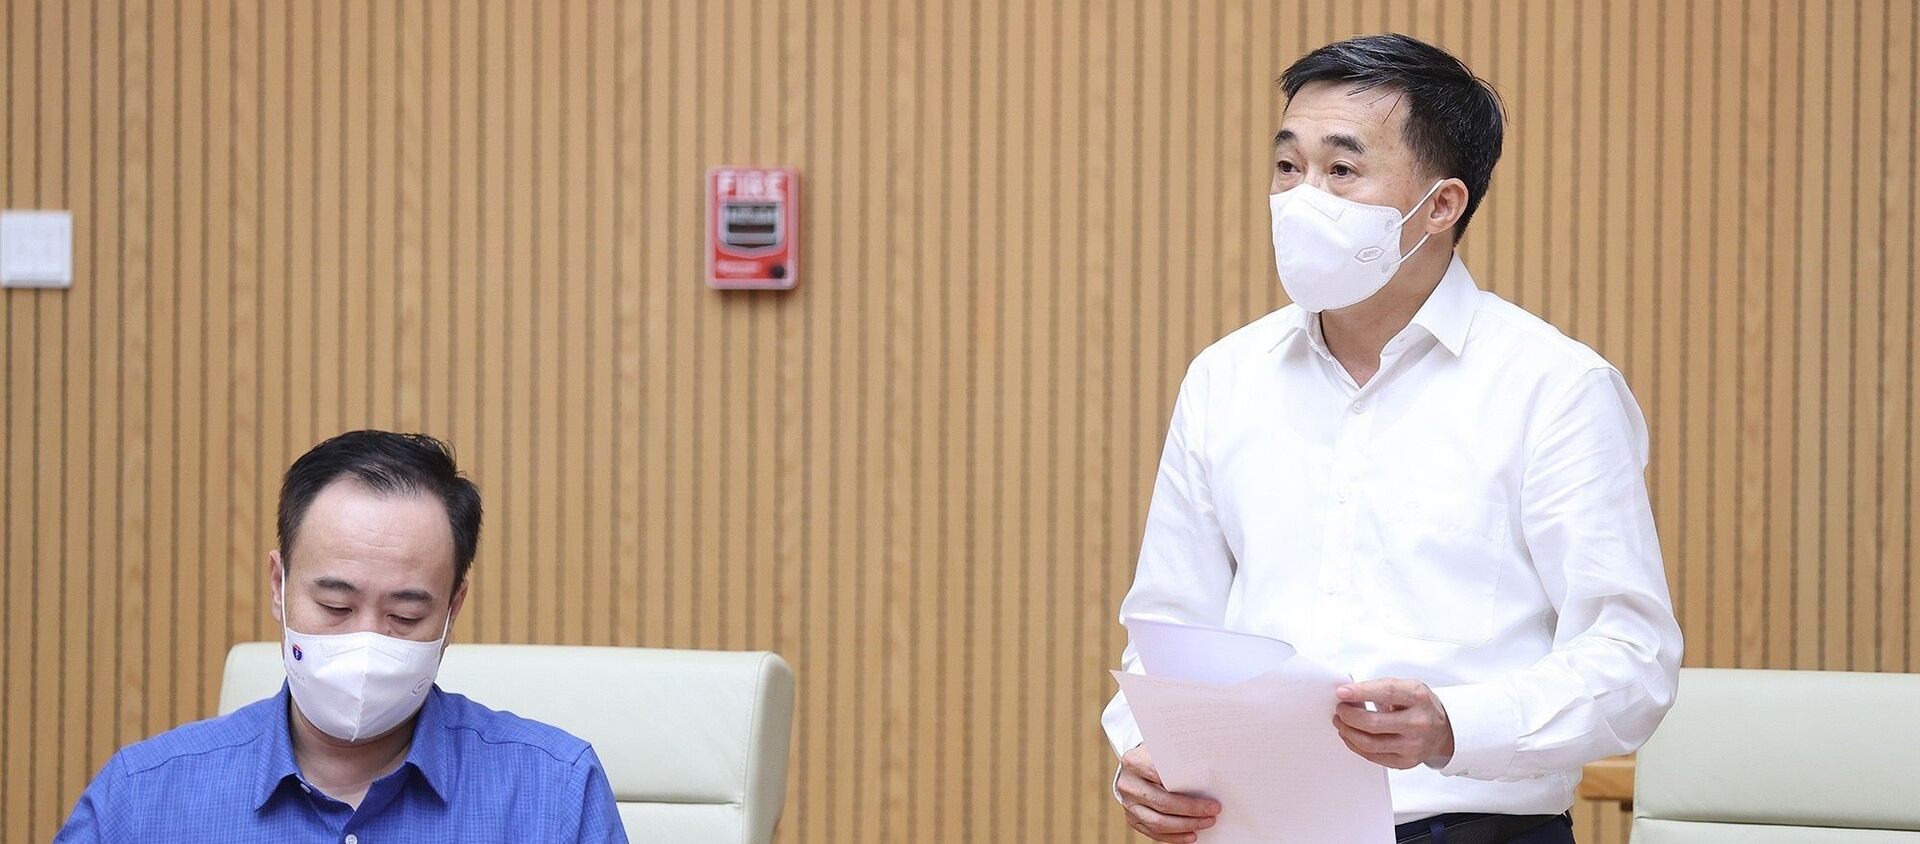 Thứ trưởng Bộ Y tế Trần Văn Thuấn báo cáo tiến độ sản xuất, thử nghiệm vaccine trong nước. - Sputnik Việt Nam, 1920, 06.08.2021